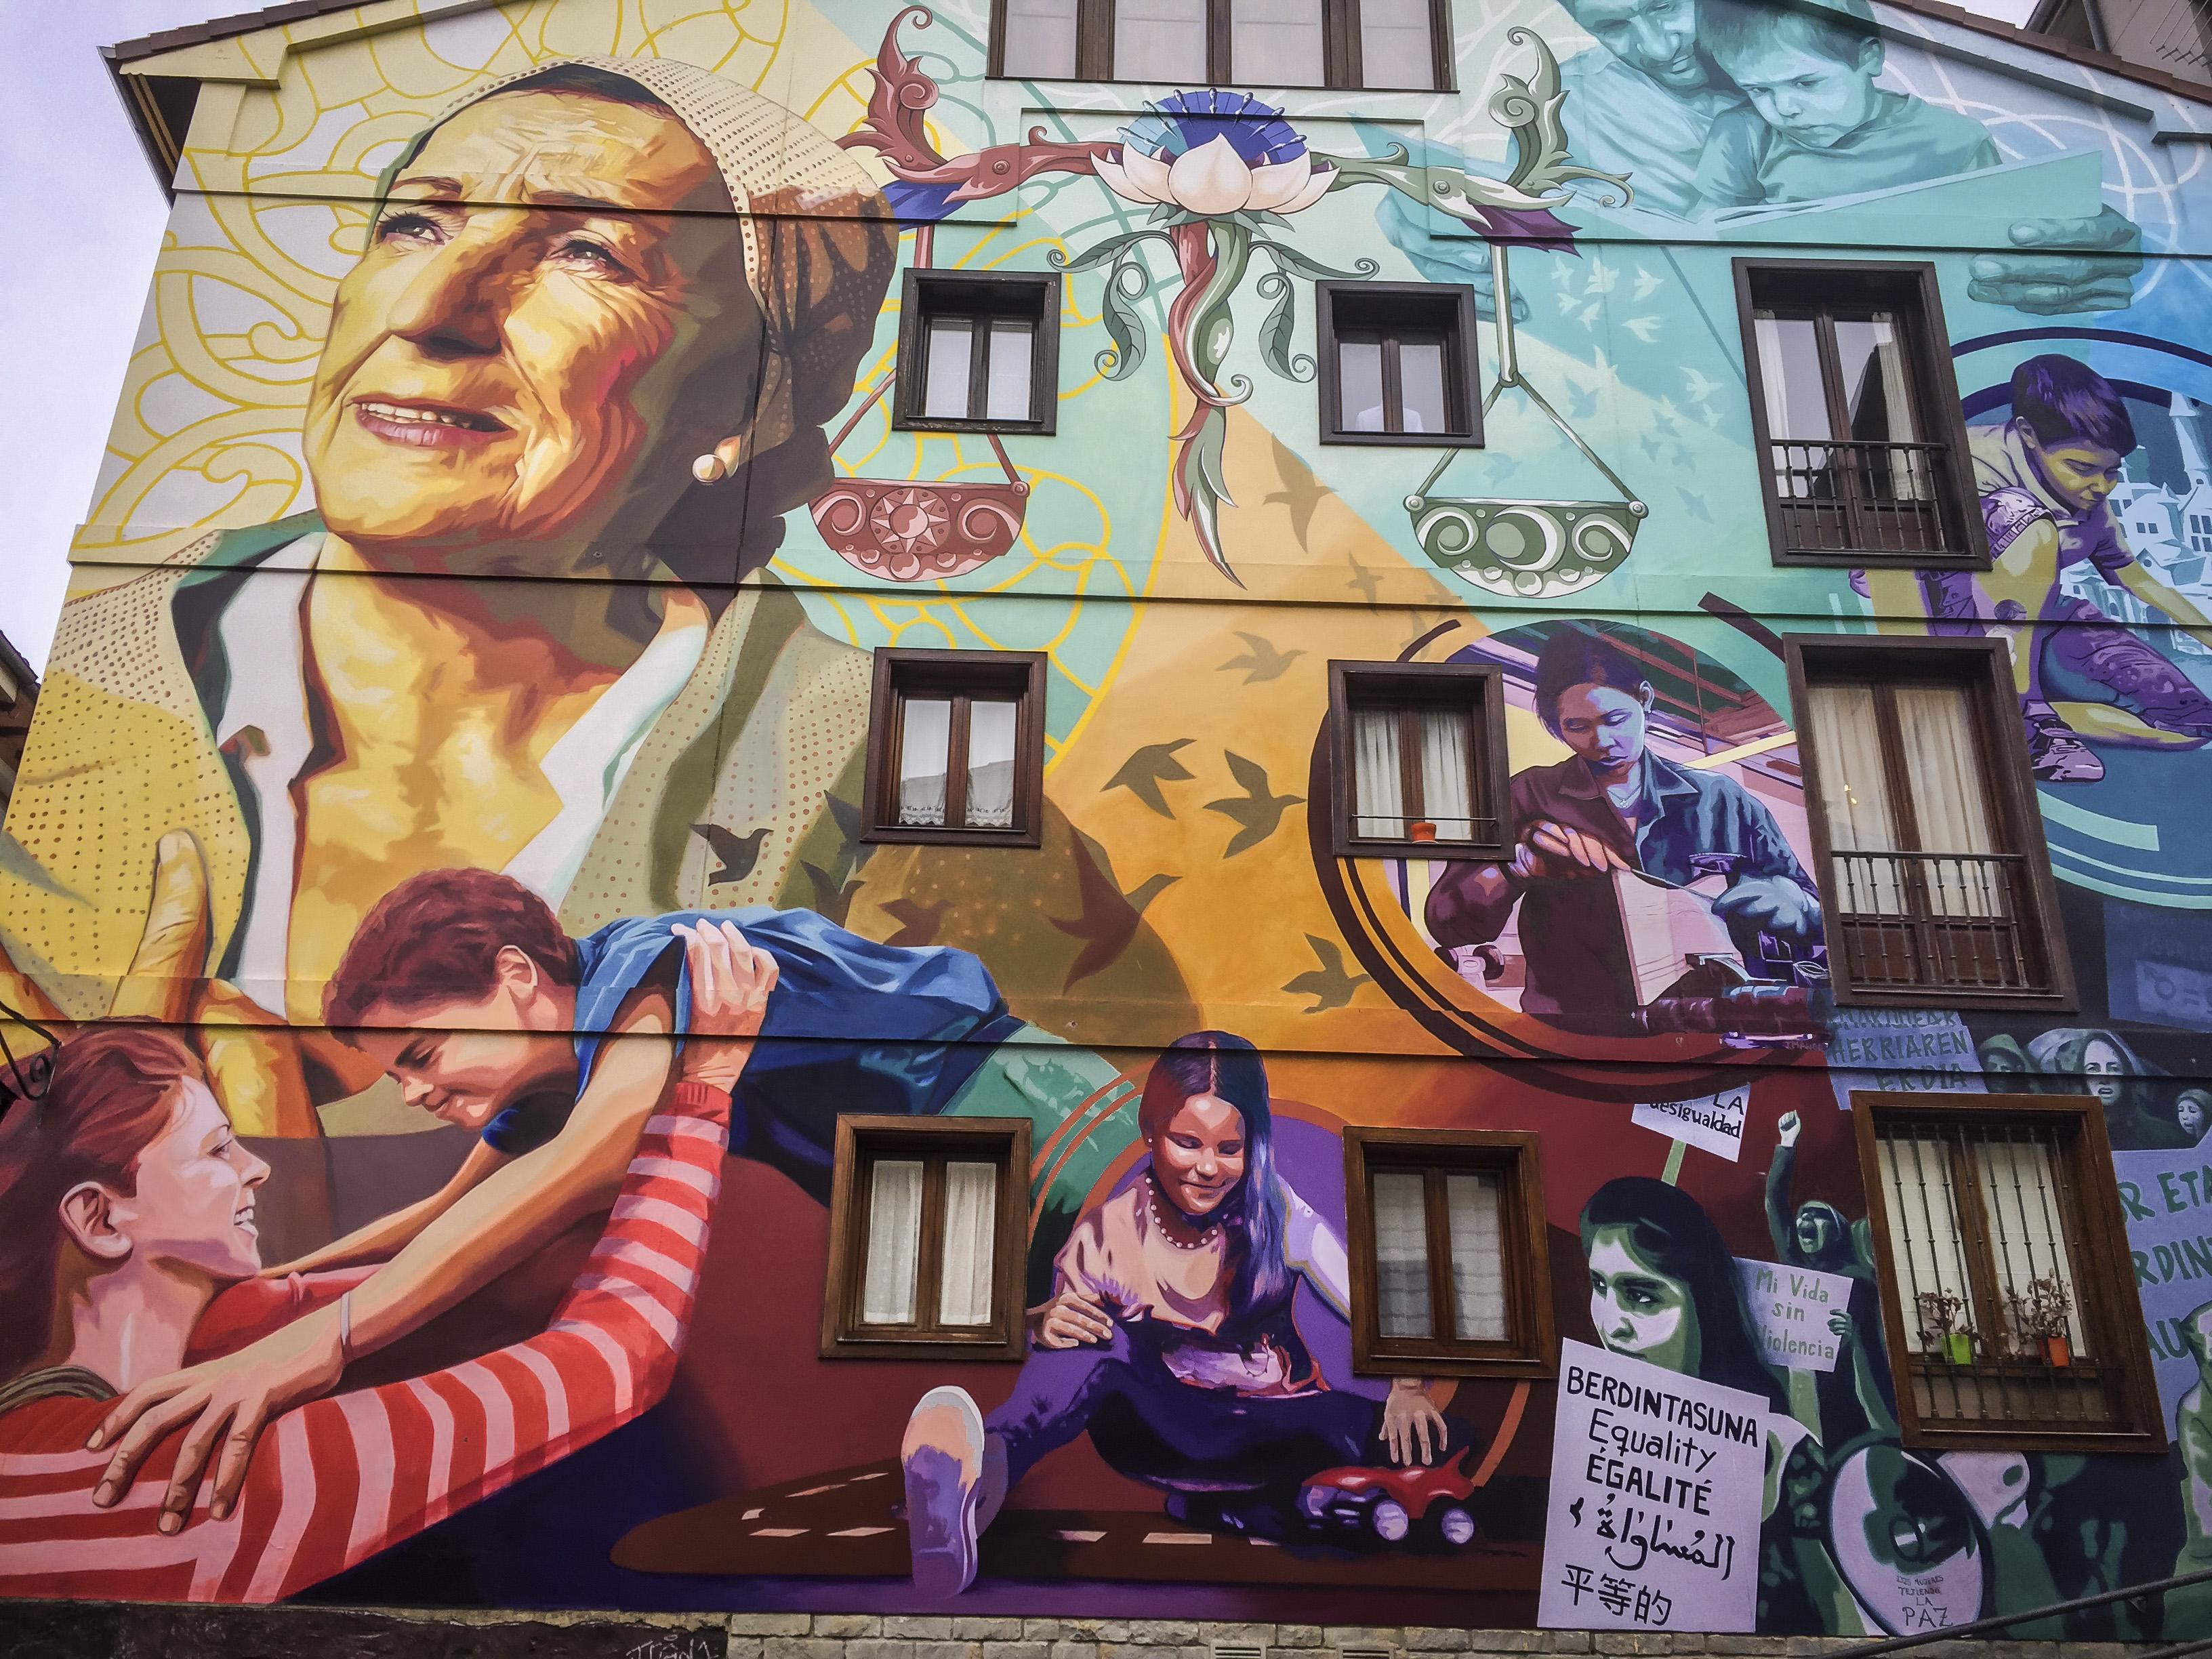 Los Murales Mas Bonitos De Vitoria Dato Economico